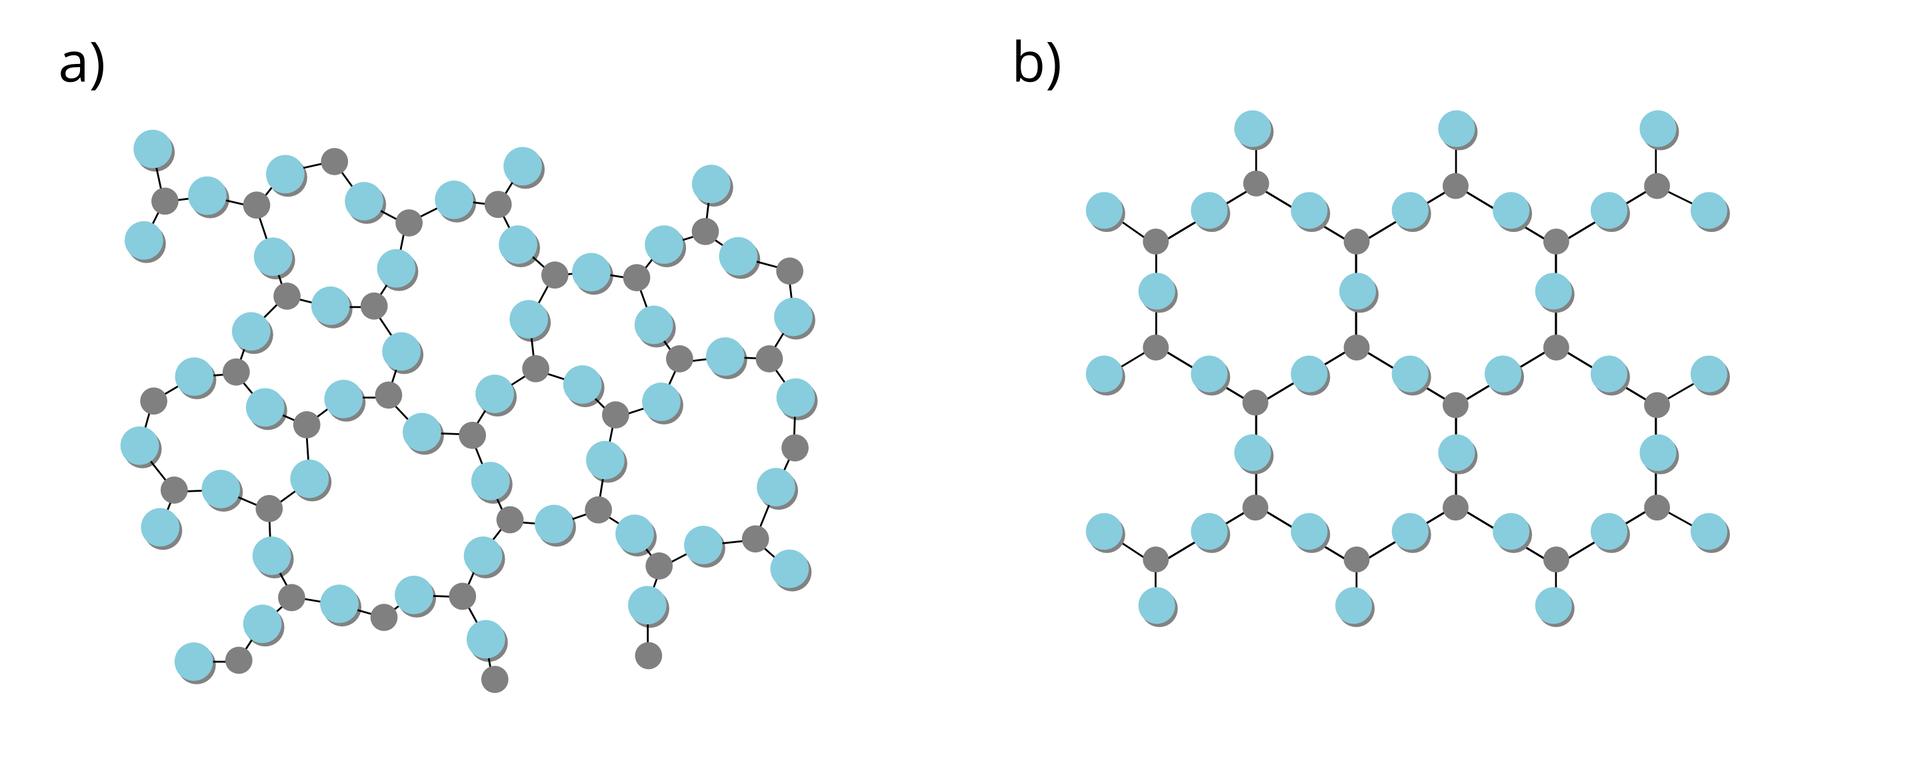 Ilustracja przedstawia budowę ciał bezpostaciowych ikrystalicznych. Po lewej budowa ciał bezpostaciowych. Po prawej budowa ciał krystalicznych. Tło białe. Ciała krystaliczne zaprezentowano jako przylegające do siebie sześcioboki. Wnętrza sześcioboków białe. Układ przypomina plastry miodu. Na każdym boku znajduje się niebieskie koło. Na każdym wierzchołku znajduje się szare, mniejsze koło. Ciała krystaliczne zaprezentowano bardzo podobnie. Różnica polega na tym, że ich układ nie jest tak uporządkowany. Jest nieregularny. Zamiast samych sześcianów występują tu różnej wielkości wieloboki. Łączą się ze sobą ścianami. Na każdym boku znajduje się niebieskie koło. Na każdym wierzchołku znajduje się szare, mniejsze koło.